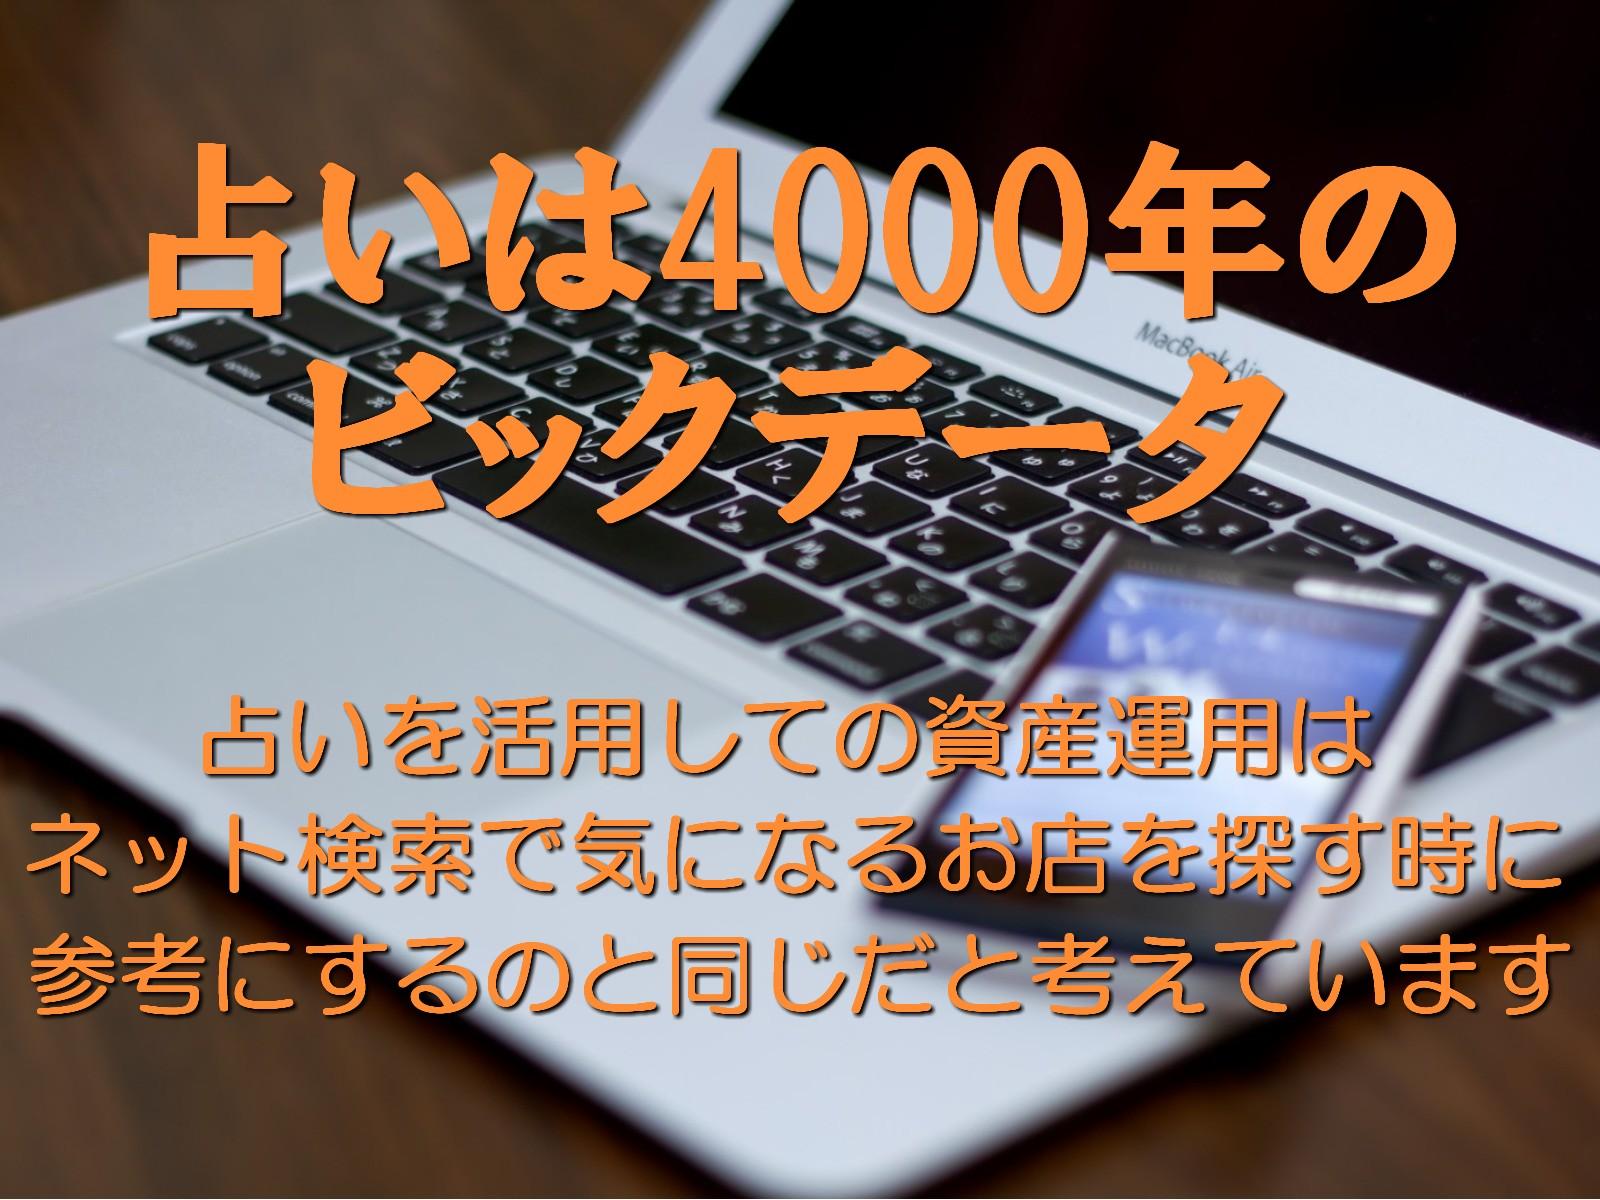 東京渋谷で資産運用・投資占いなら『占いの観点で投資アドバイス』ができる占い館BCAFE(ビーカフェ)の占い師にお任せ!四柱推命・西洋占星術等の観点から、アナタだけのための資産運用アドバイスを行います。